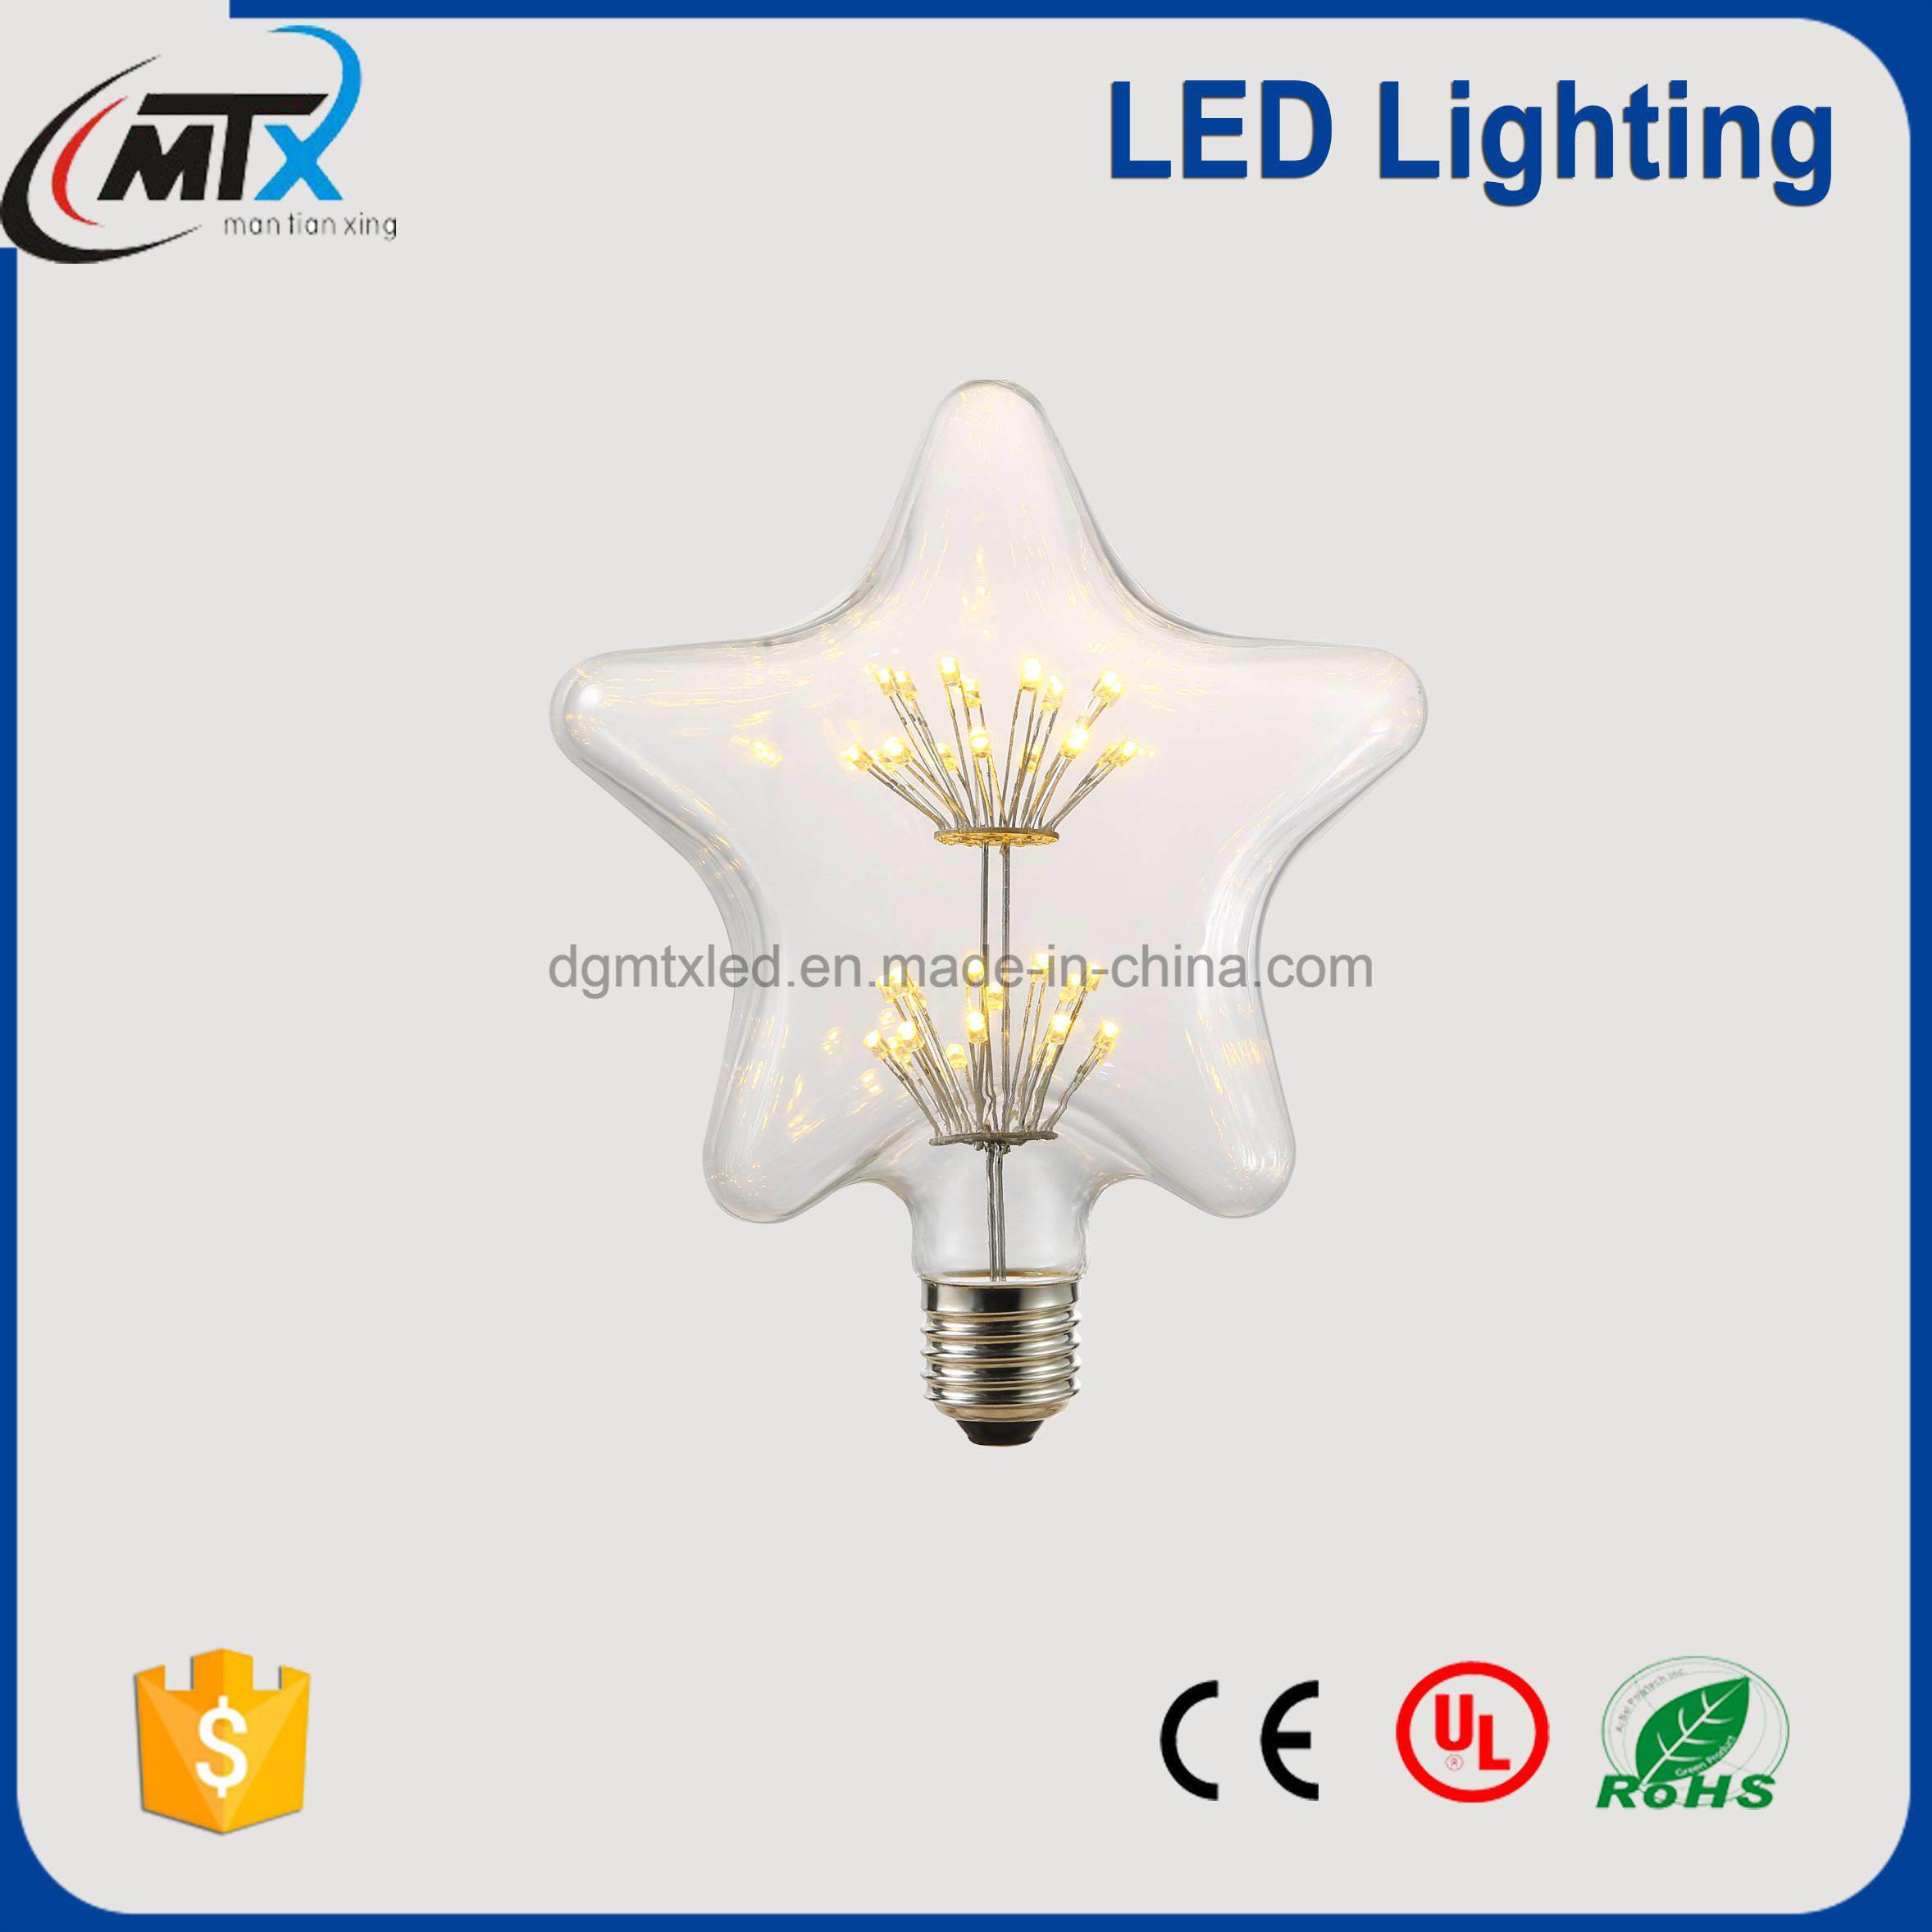 LED diodeRGB LED bulb e27 2700K-6500K decoration light bulb price